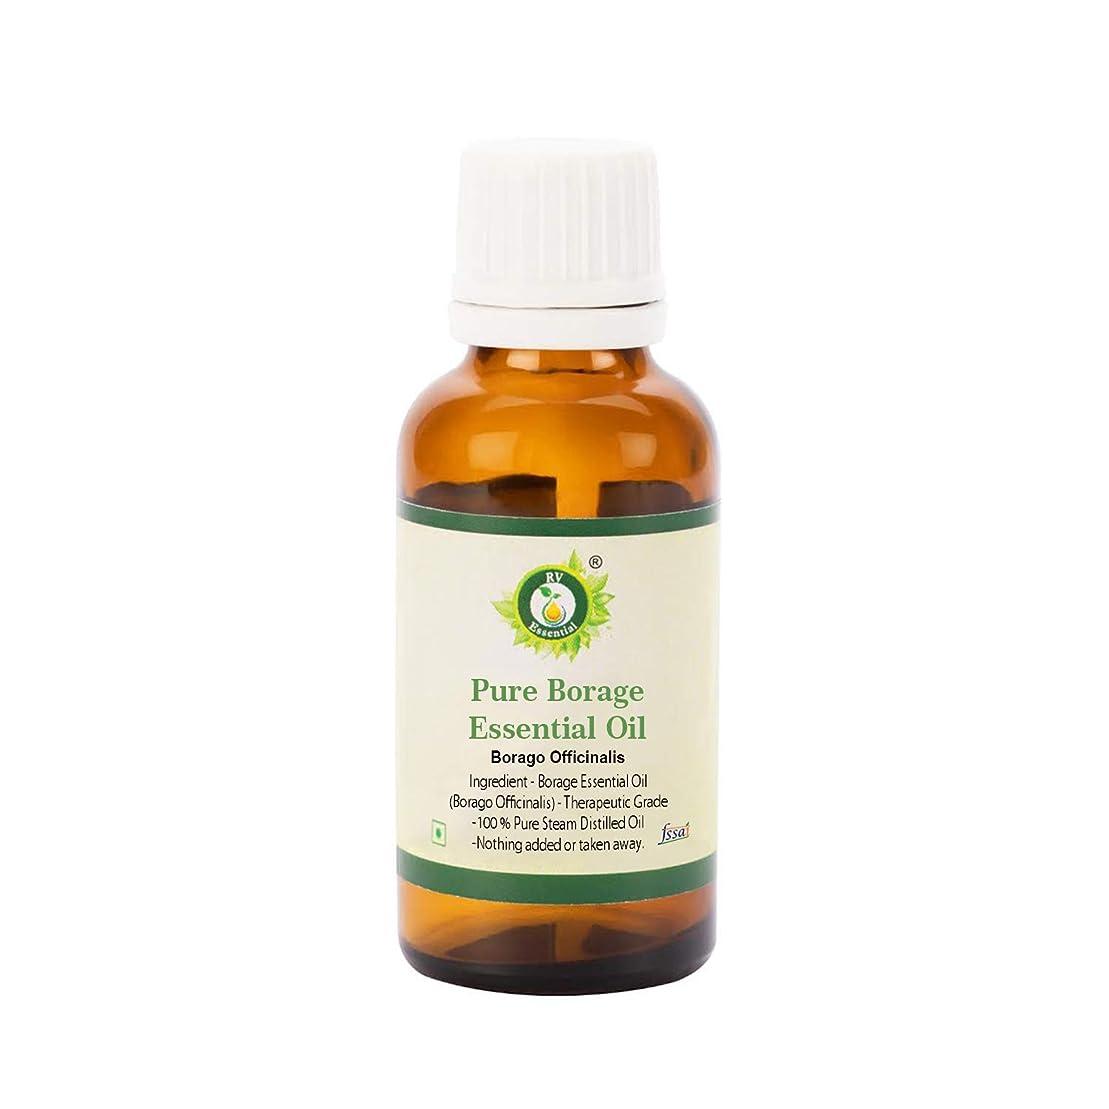 モールス信号普遍的な操作R V Essential 純粋なBorageエッセンシャルオイル50ml (1.69oz)- Borago Officinalis (100%純粋&天然スチームDistilled) Pure Borage Essential Oil